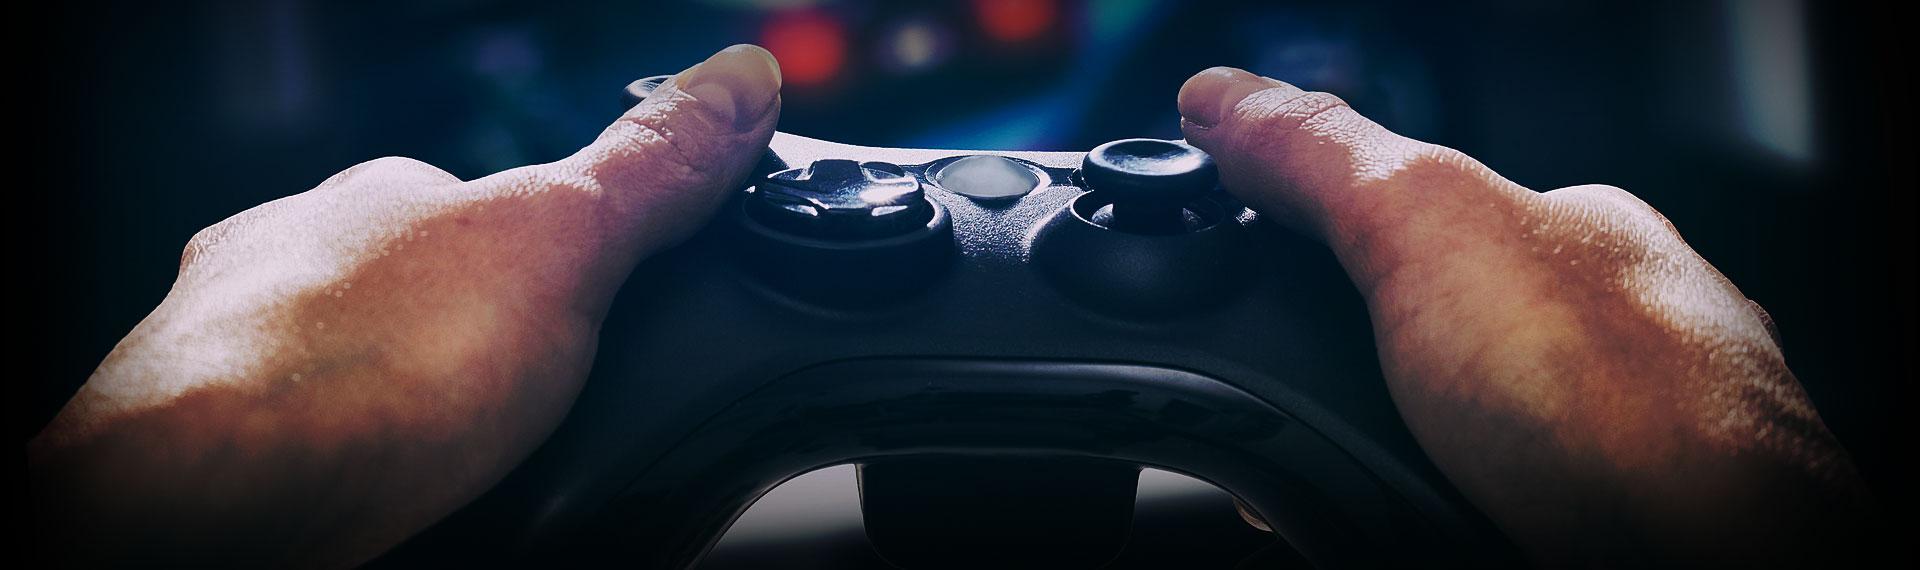 5 Tipe Gamer Berdasarkan Game dan Cara Bermain. Kamu Yang Mana Nih?